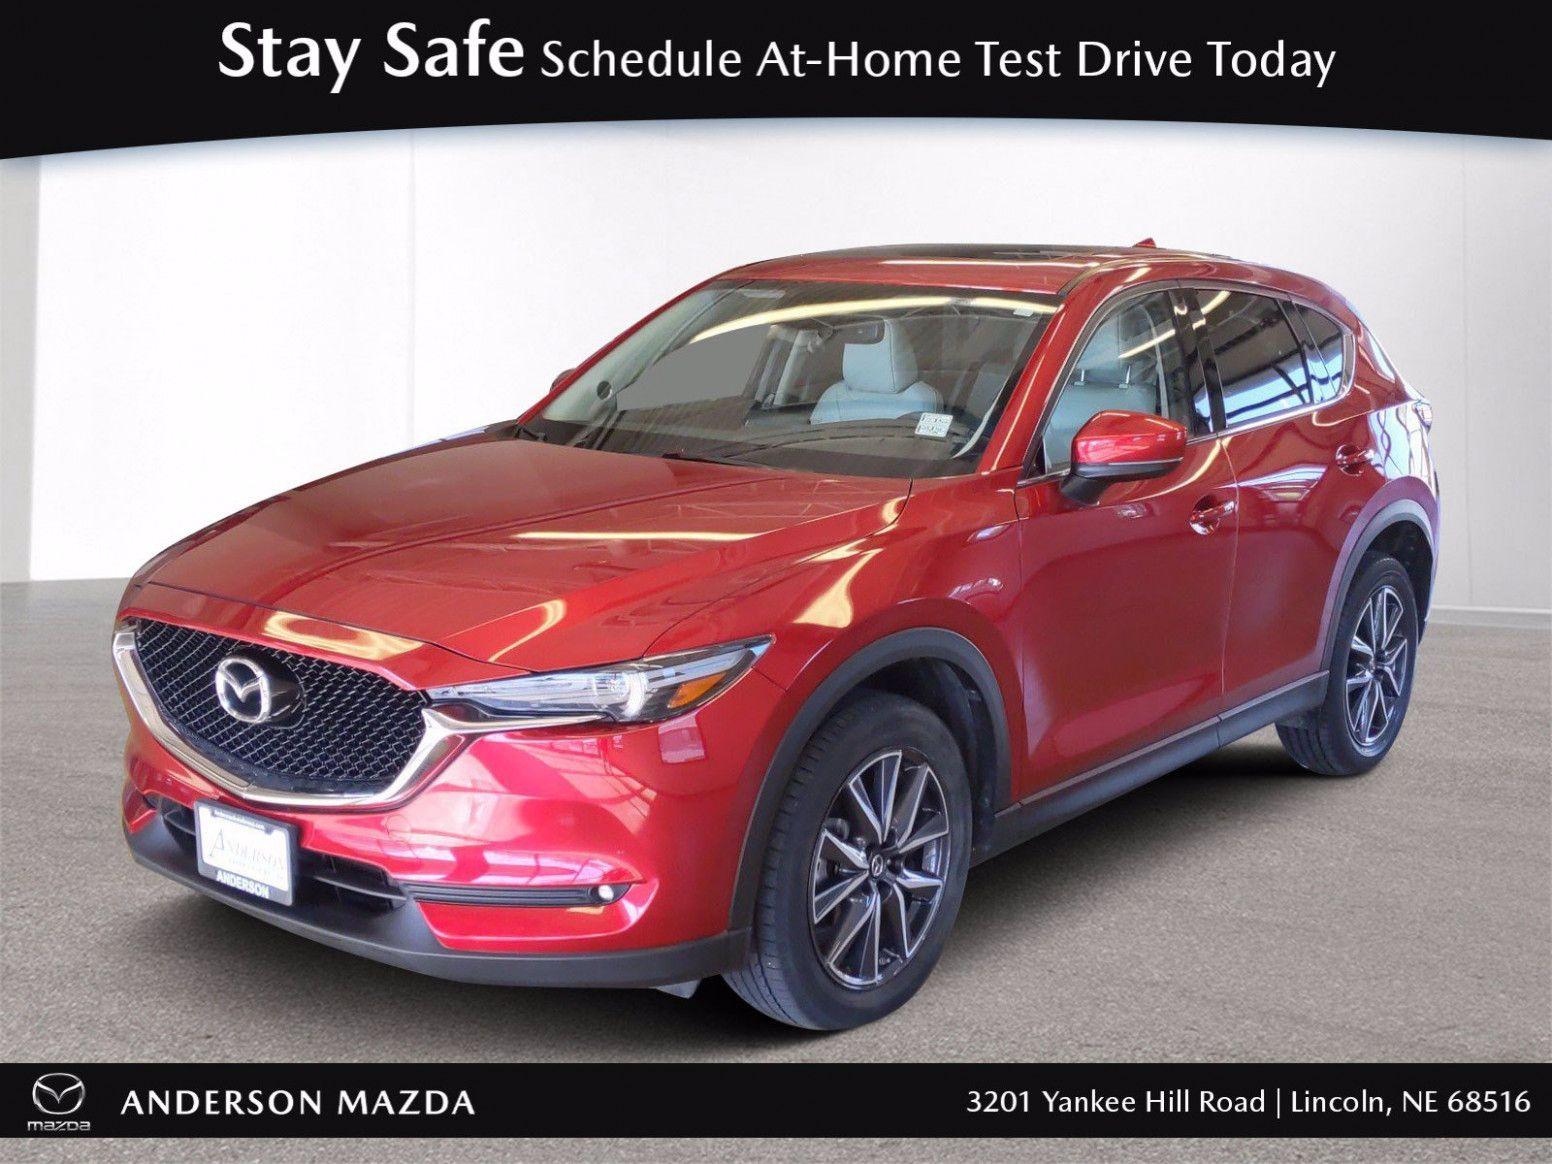 Used 11 Mazda Cx 11 Grand Select 2016 Mazda Cx 5 Grand Touring For Sale Best Gas Mileage Mazda Touring